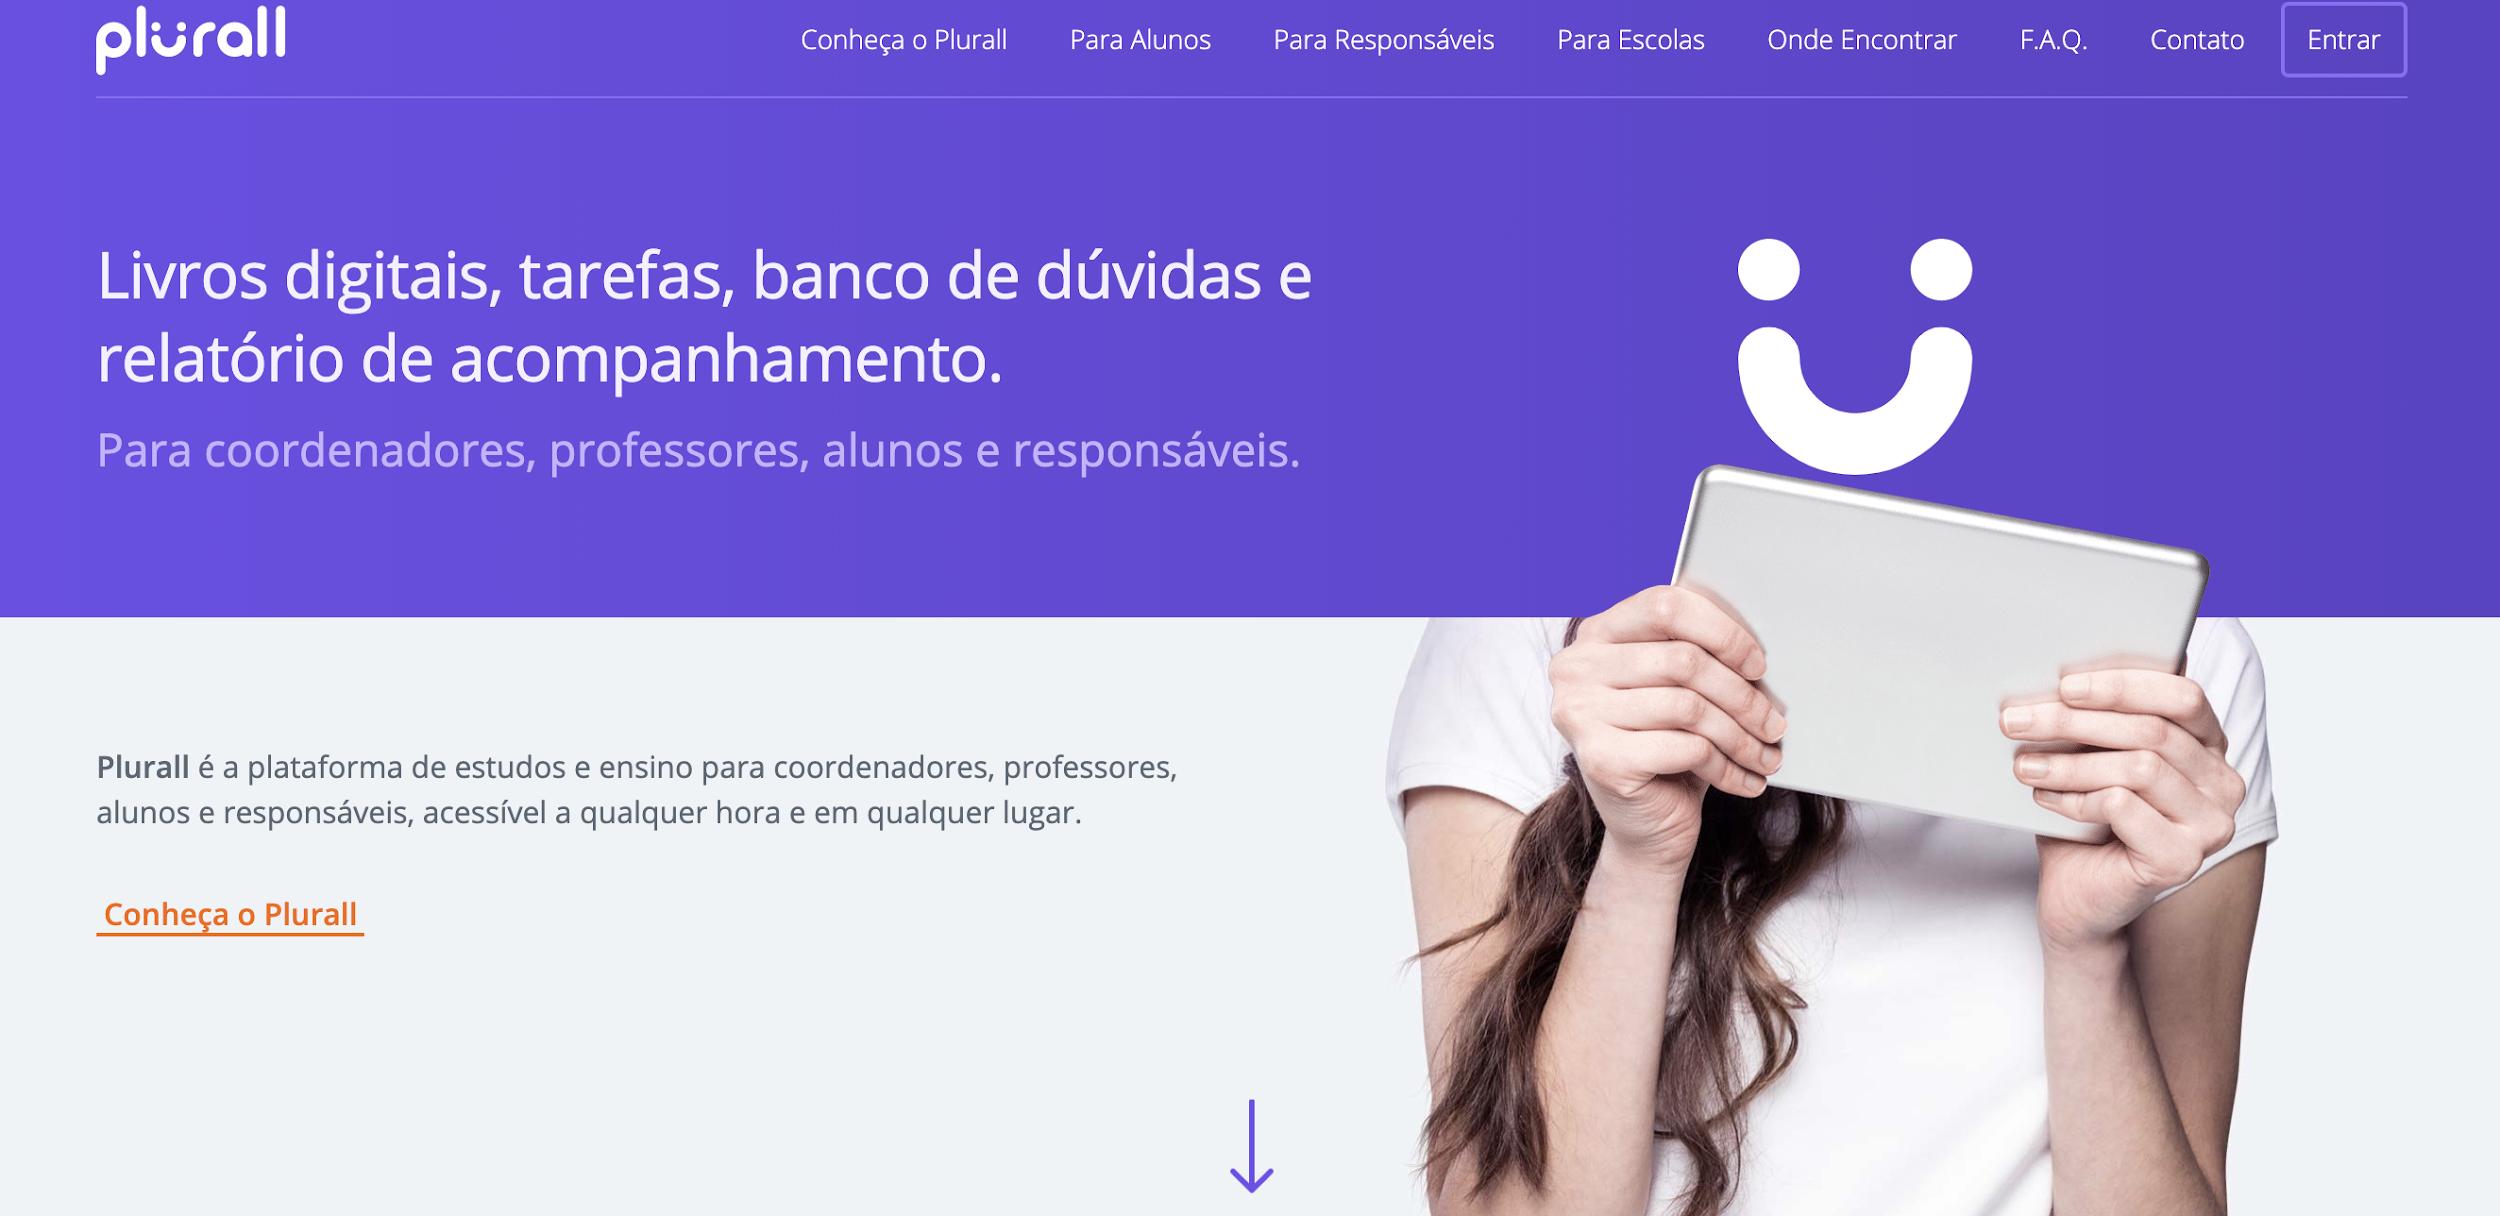 Plurall como exemplo de plataforma digitais para educação